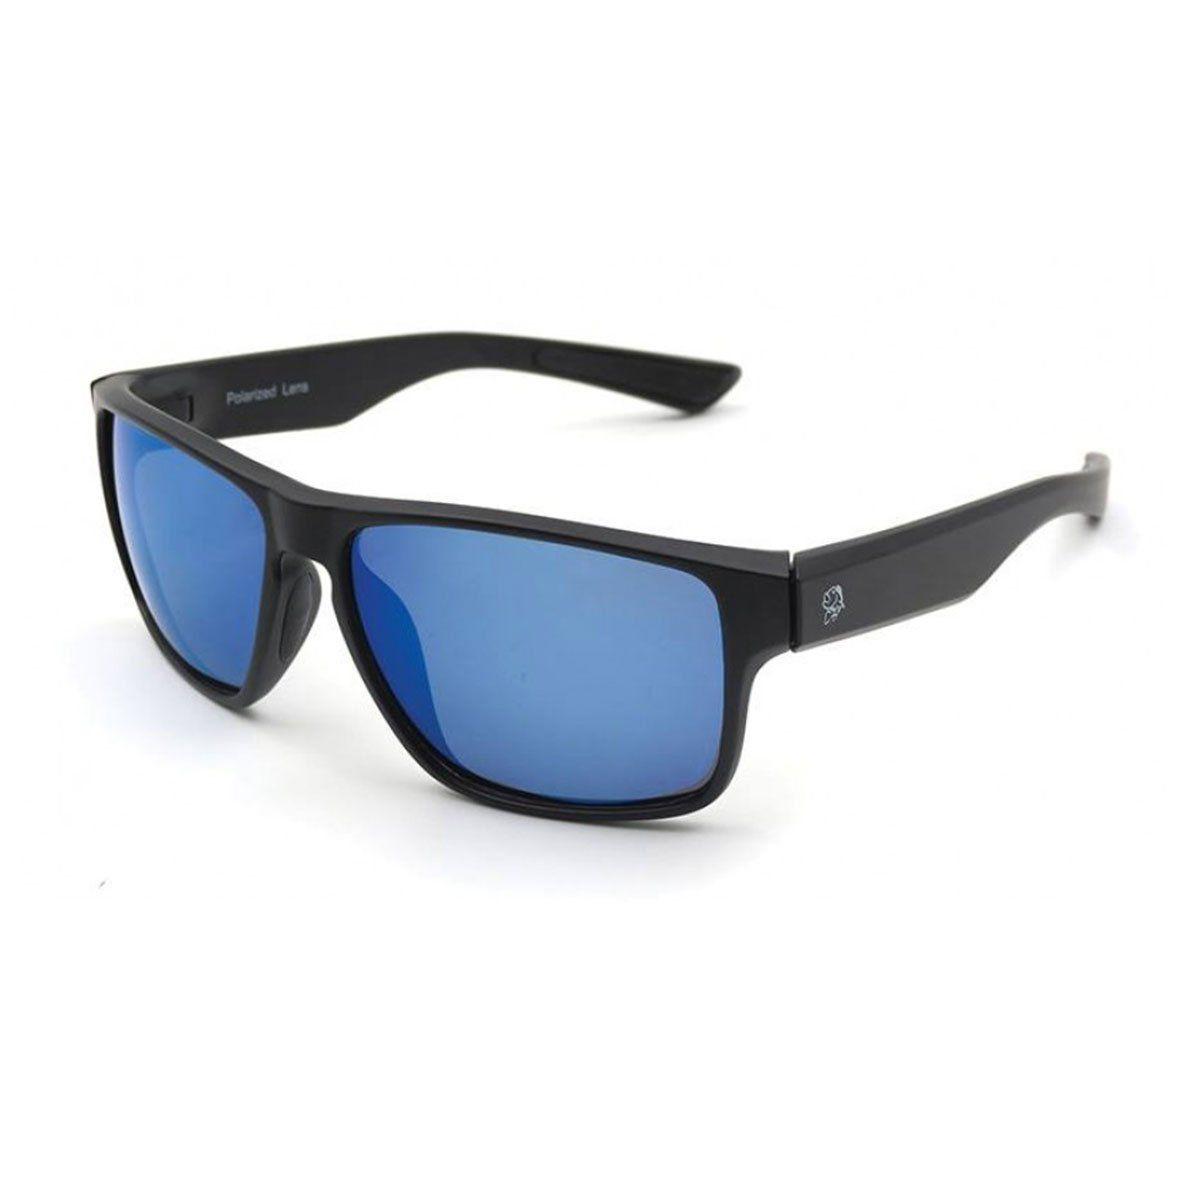 Óculos Polarizado Pro Tsuri Tarpon Armação Preto Fosco - Lente Light Blue Mirror